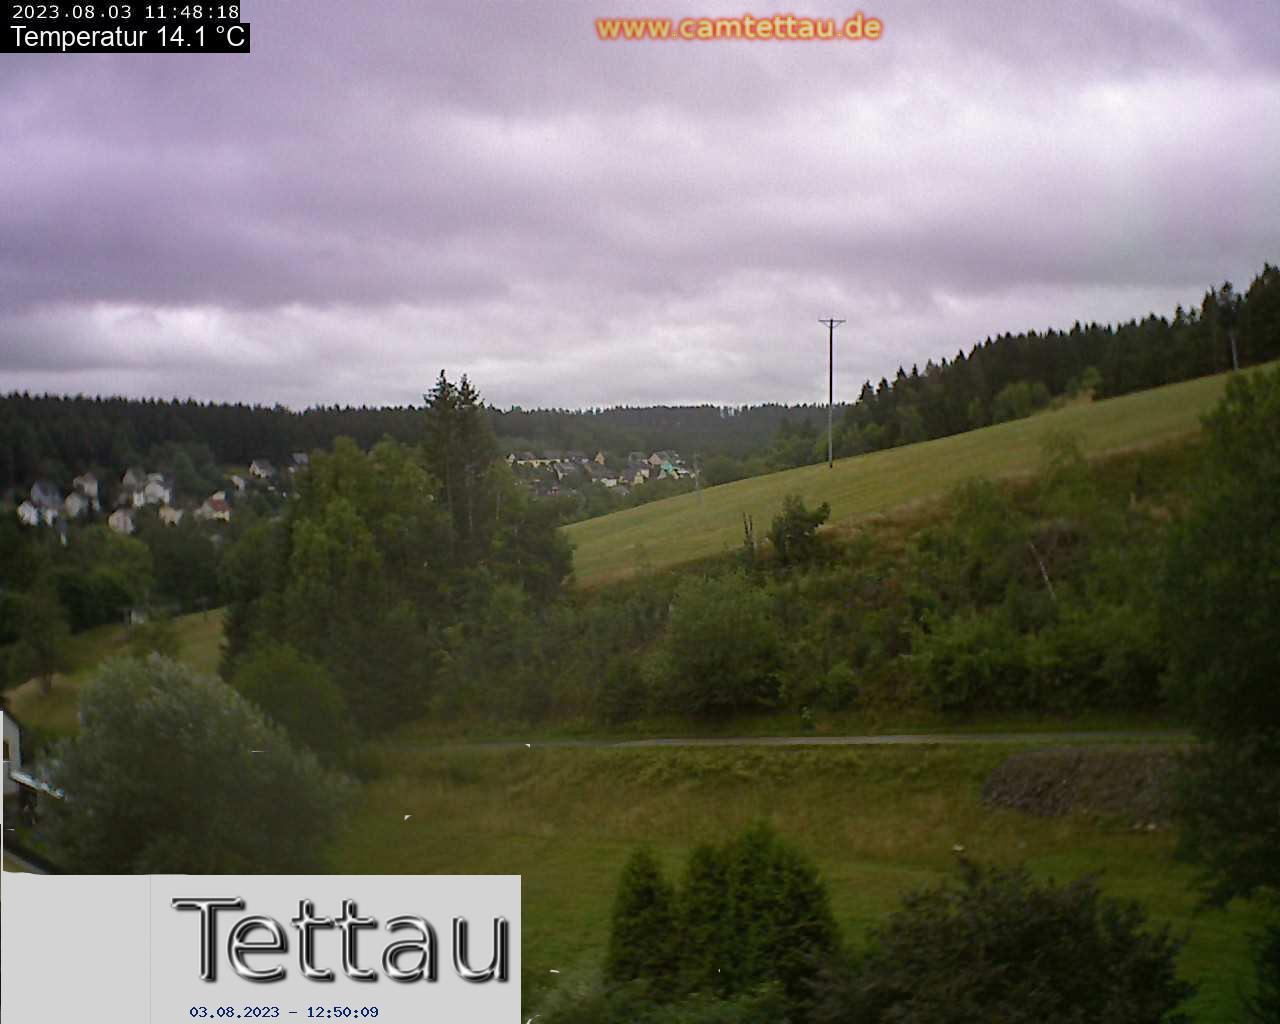 Tettau (Bavaria) Tue. 12:55